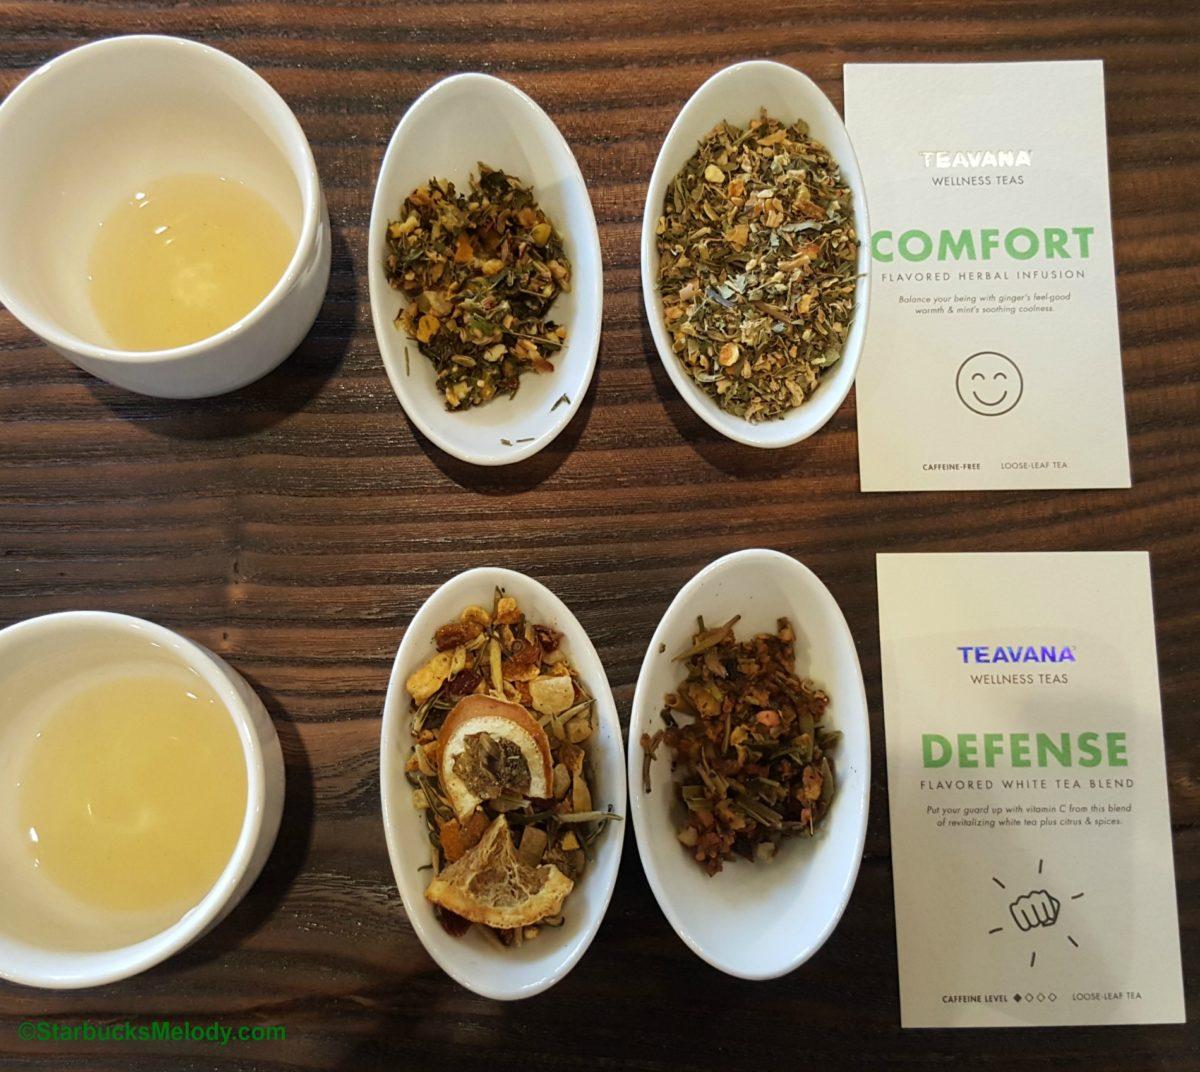 Comfort and Defense Wellness Teas at Teavana: Tea Tasting.